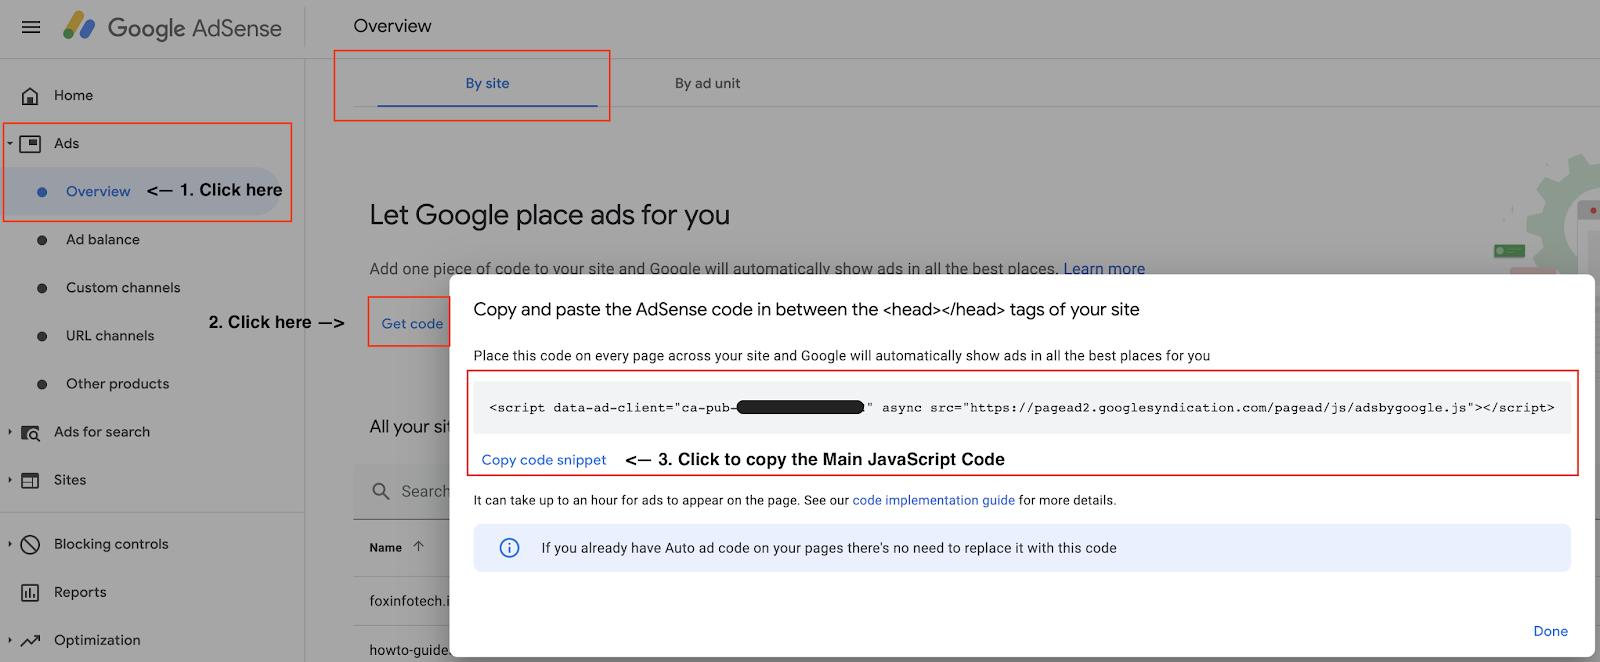 Get Google Adsense Main JavaScript code.